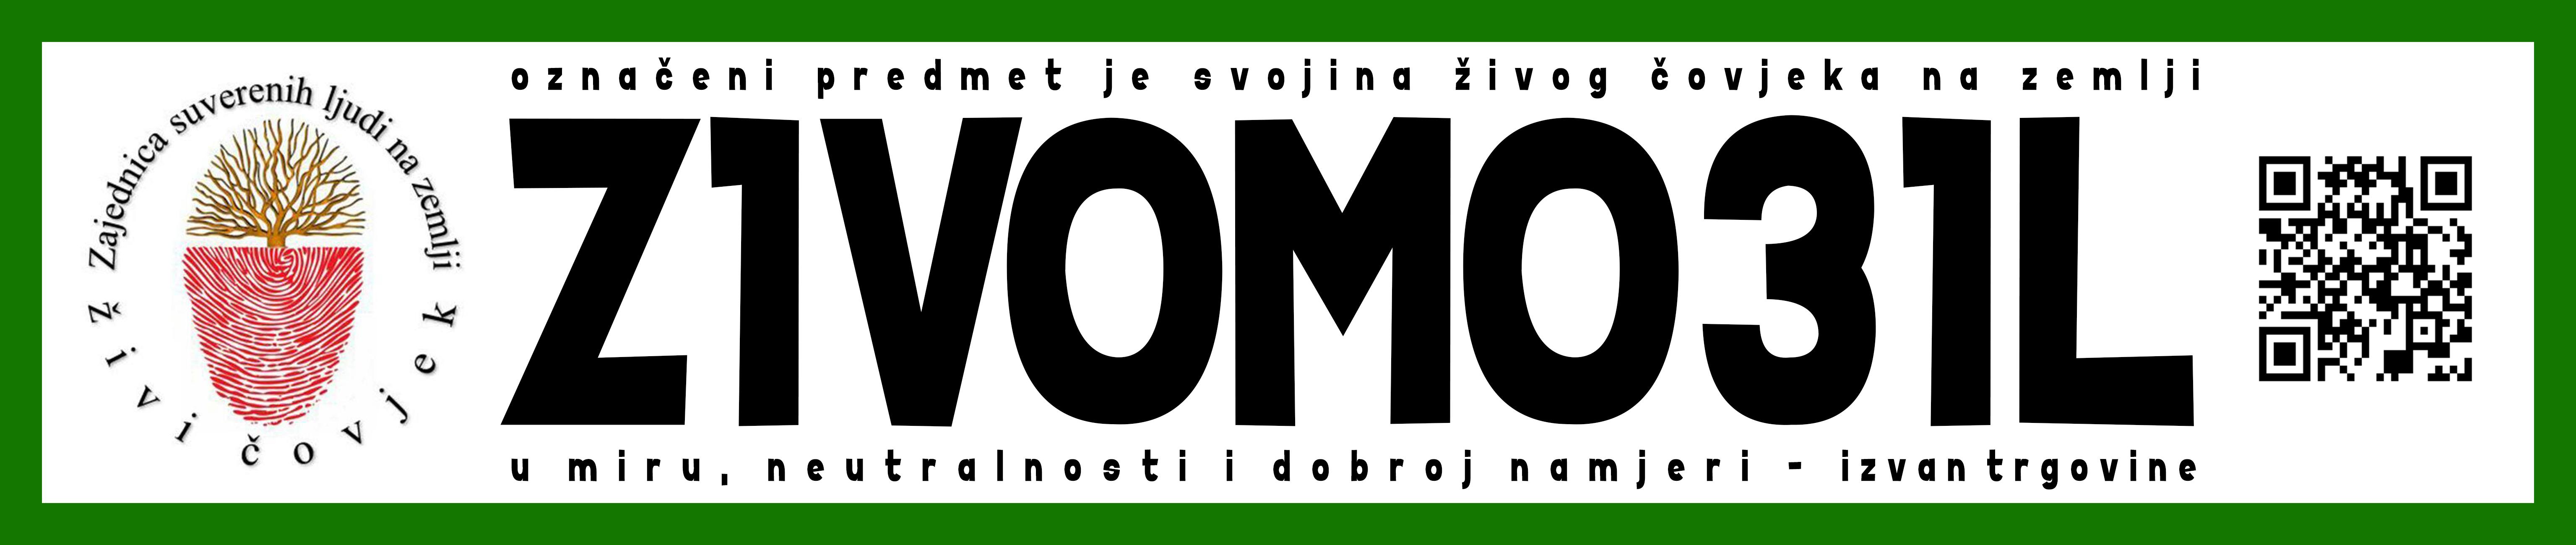 tablica zajednice_vedran miocic stosic_Z1V0M031L